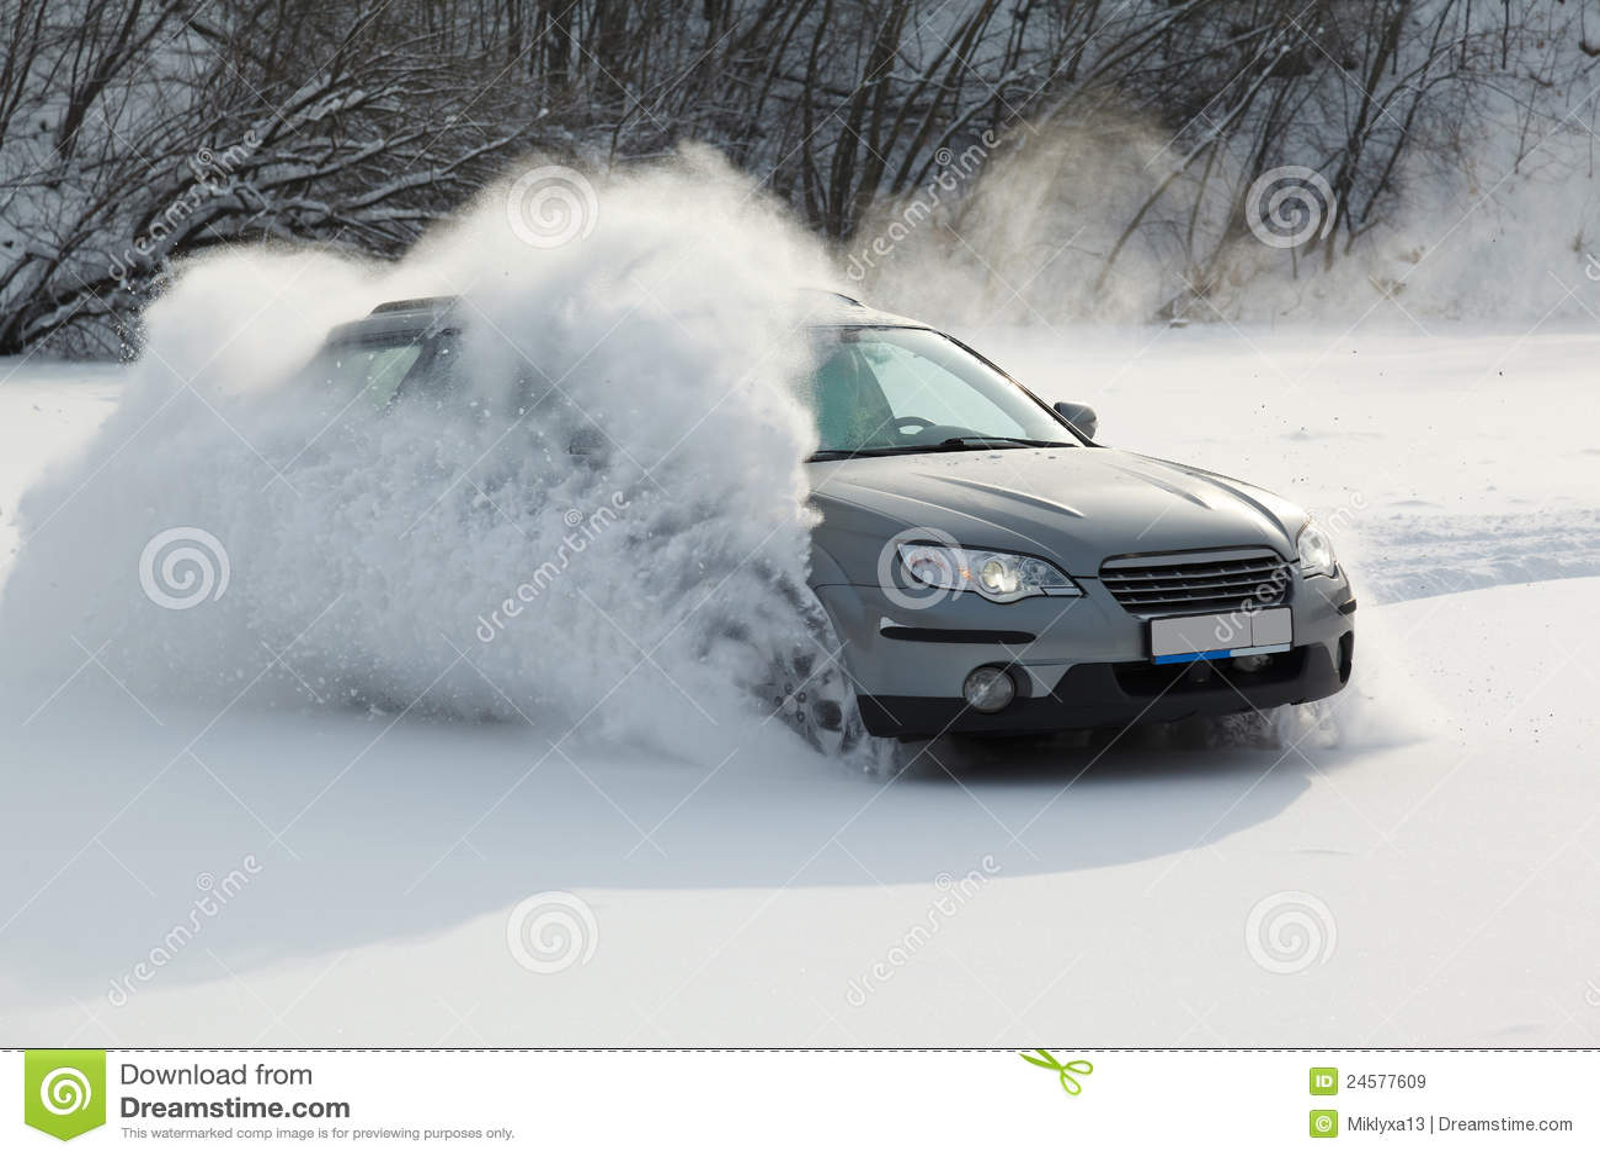 El coche se está moviendo rápidamente sobre la nieve lisa